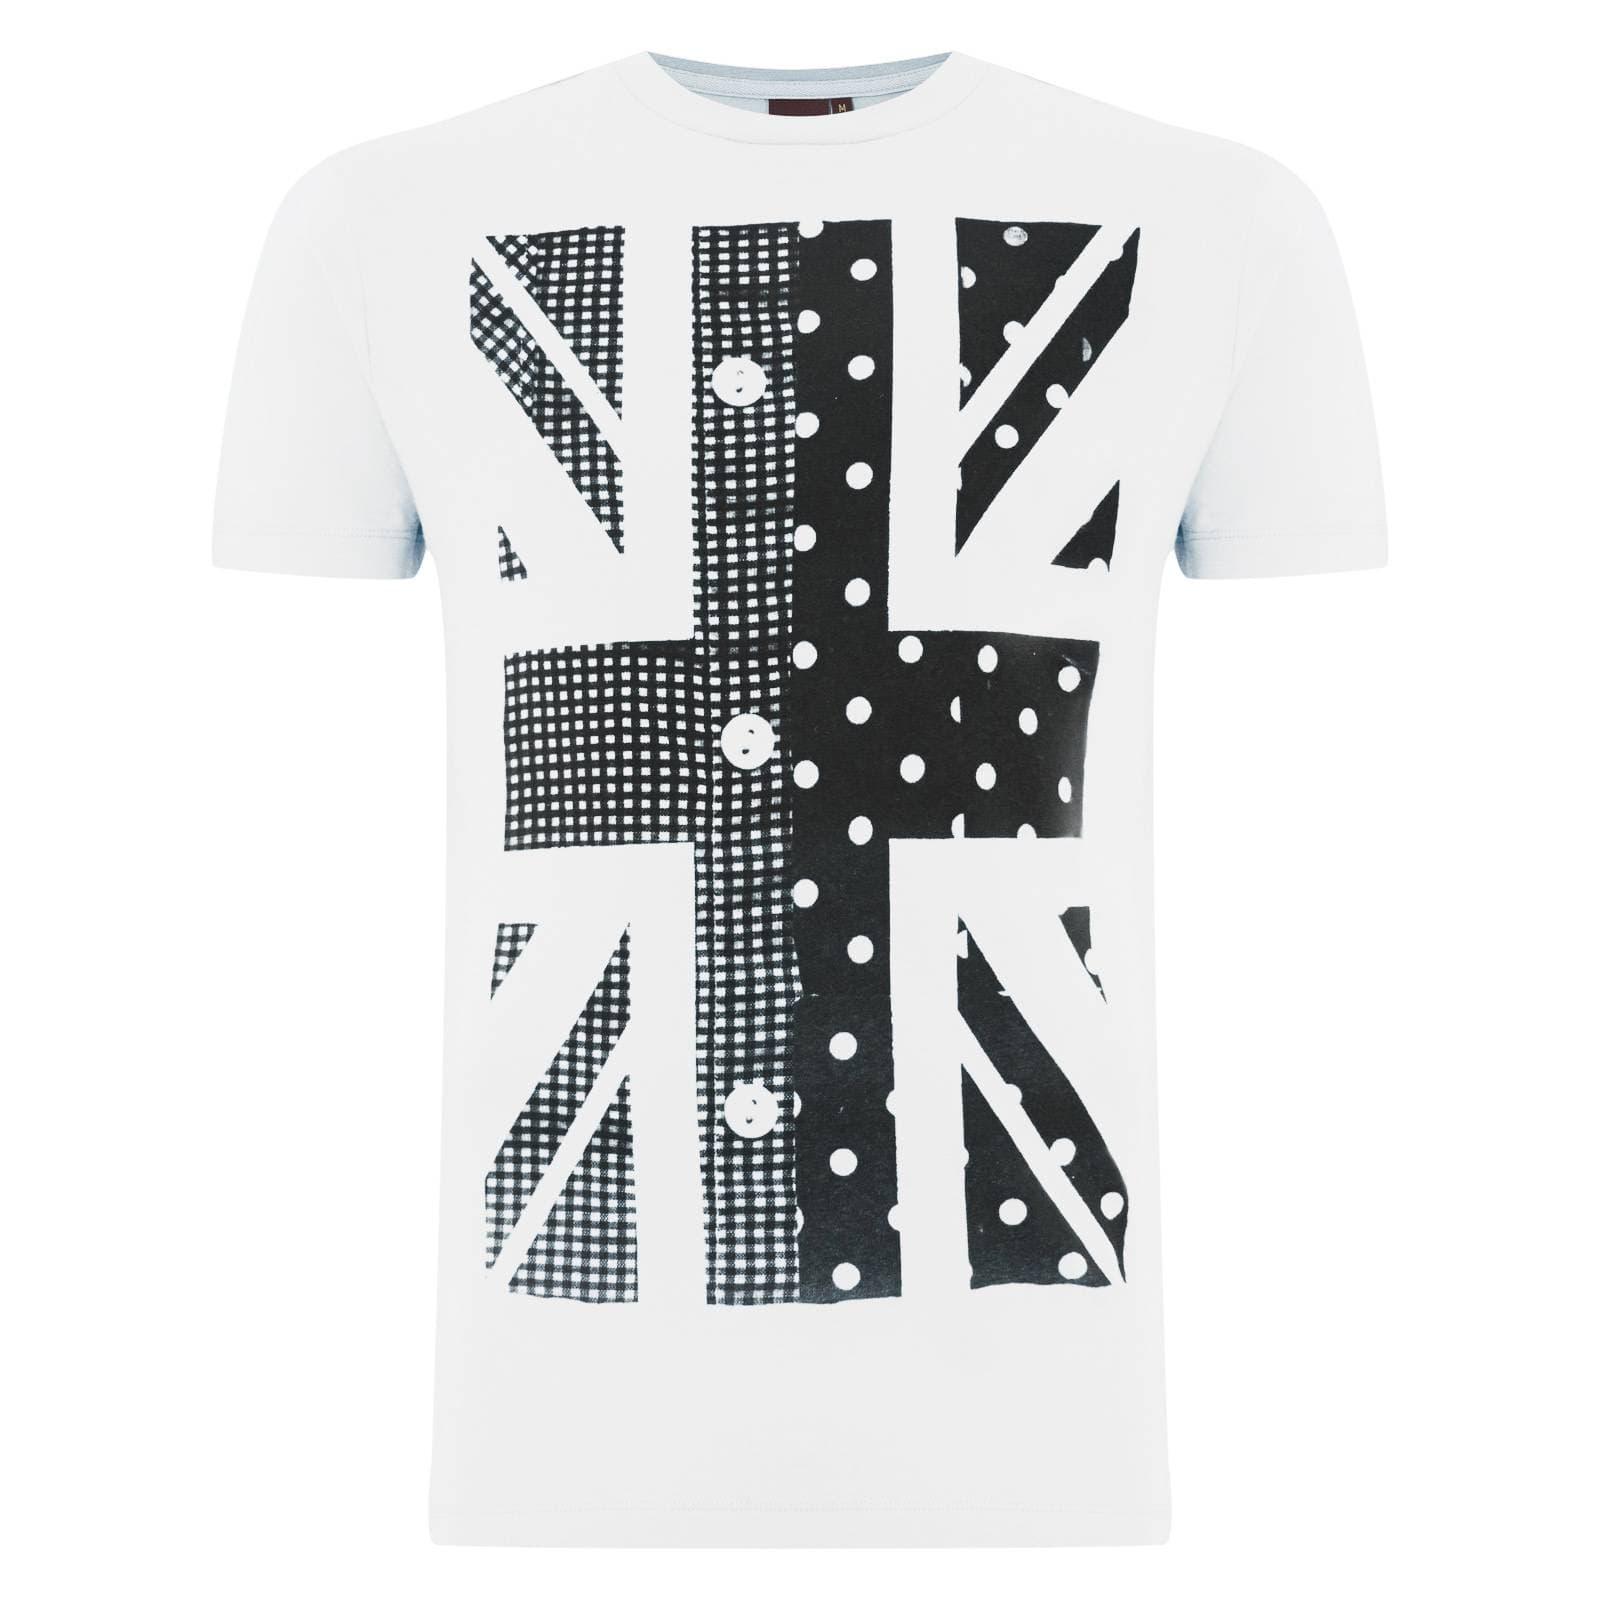 Футболка HawkinsФутболки<br>Яркая, в стиле fashion, футболка с Британским флагом, выполненная в модерновом стиле, - прекрасный вариант для похода в клуб или DJ бар. Левая сторона Юнион Джека оформлена в виде классической английской клетчатой рубашки &amp;amp;quot;gingham&amp;amp;quot;, правая декорирована традиционным для мужских сорочек &amp;amp;quot;гороховым&amp;amp;quot; узором &amp;amp;quot;polka dot&amp;amp;quot;. &amp;lt;br /&amp;gt;<br>&amp;lt;br /&amp;gt;<br>Изображение классики британского casual стиля в модном принте - остроумная идея дизайнеров Merc, которая не останется незамеченной окружающими.<br><br>Артикул: 1714106<br>Материал: 100% хлопок<br>Цвет: белый<br>Пол: Мужской